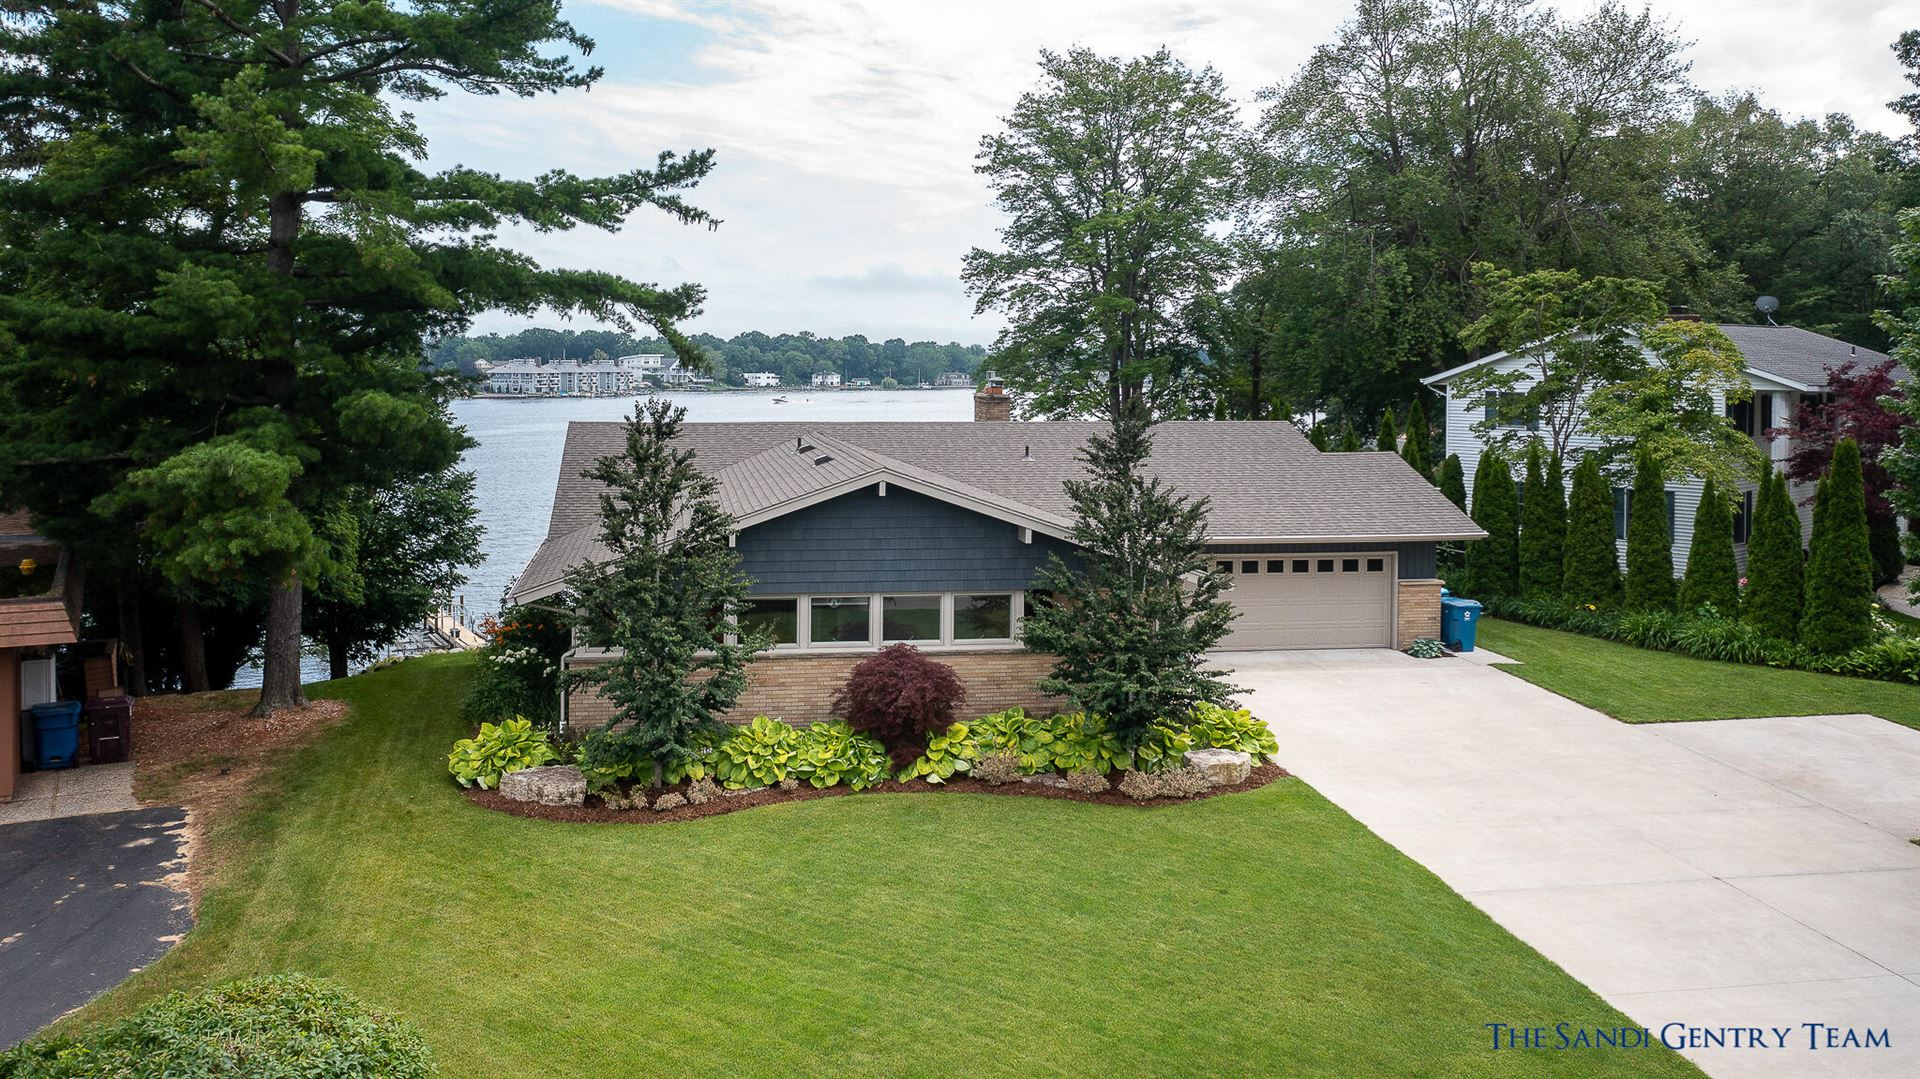 Photo of 16051 Lakepoint Drive, Spring Lake, MI 49456 (MLS # 21025604)